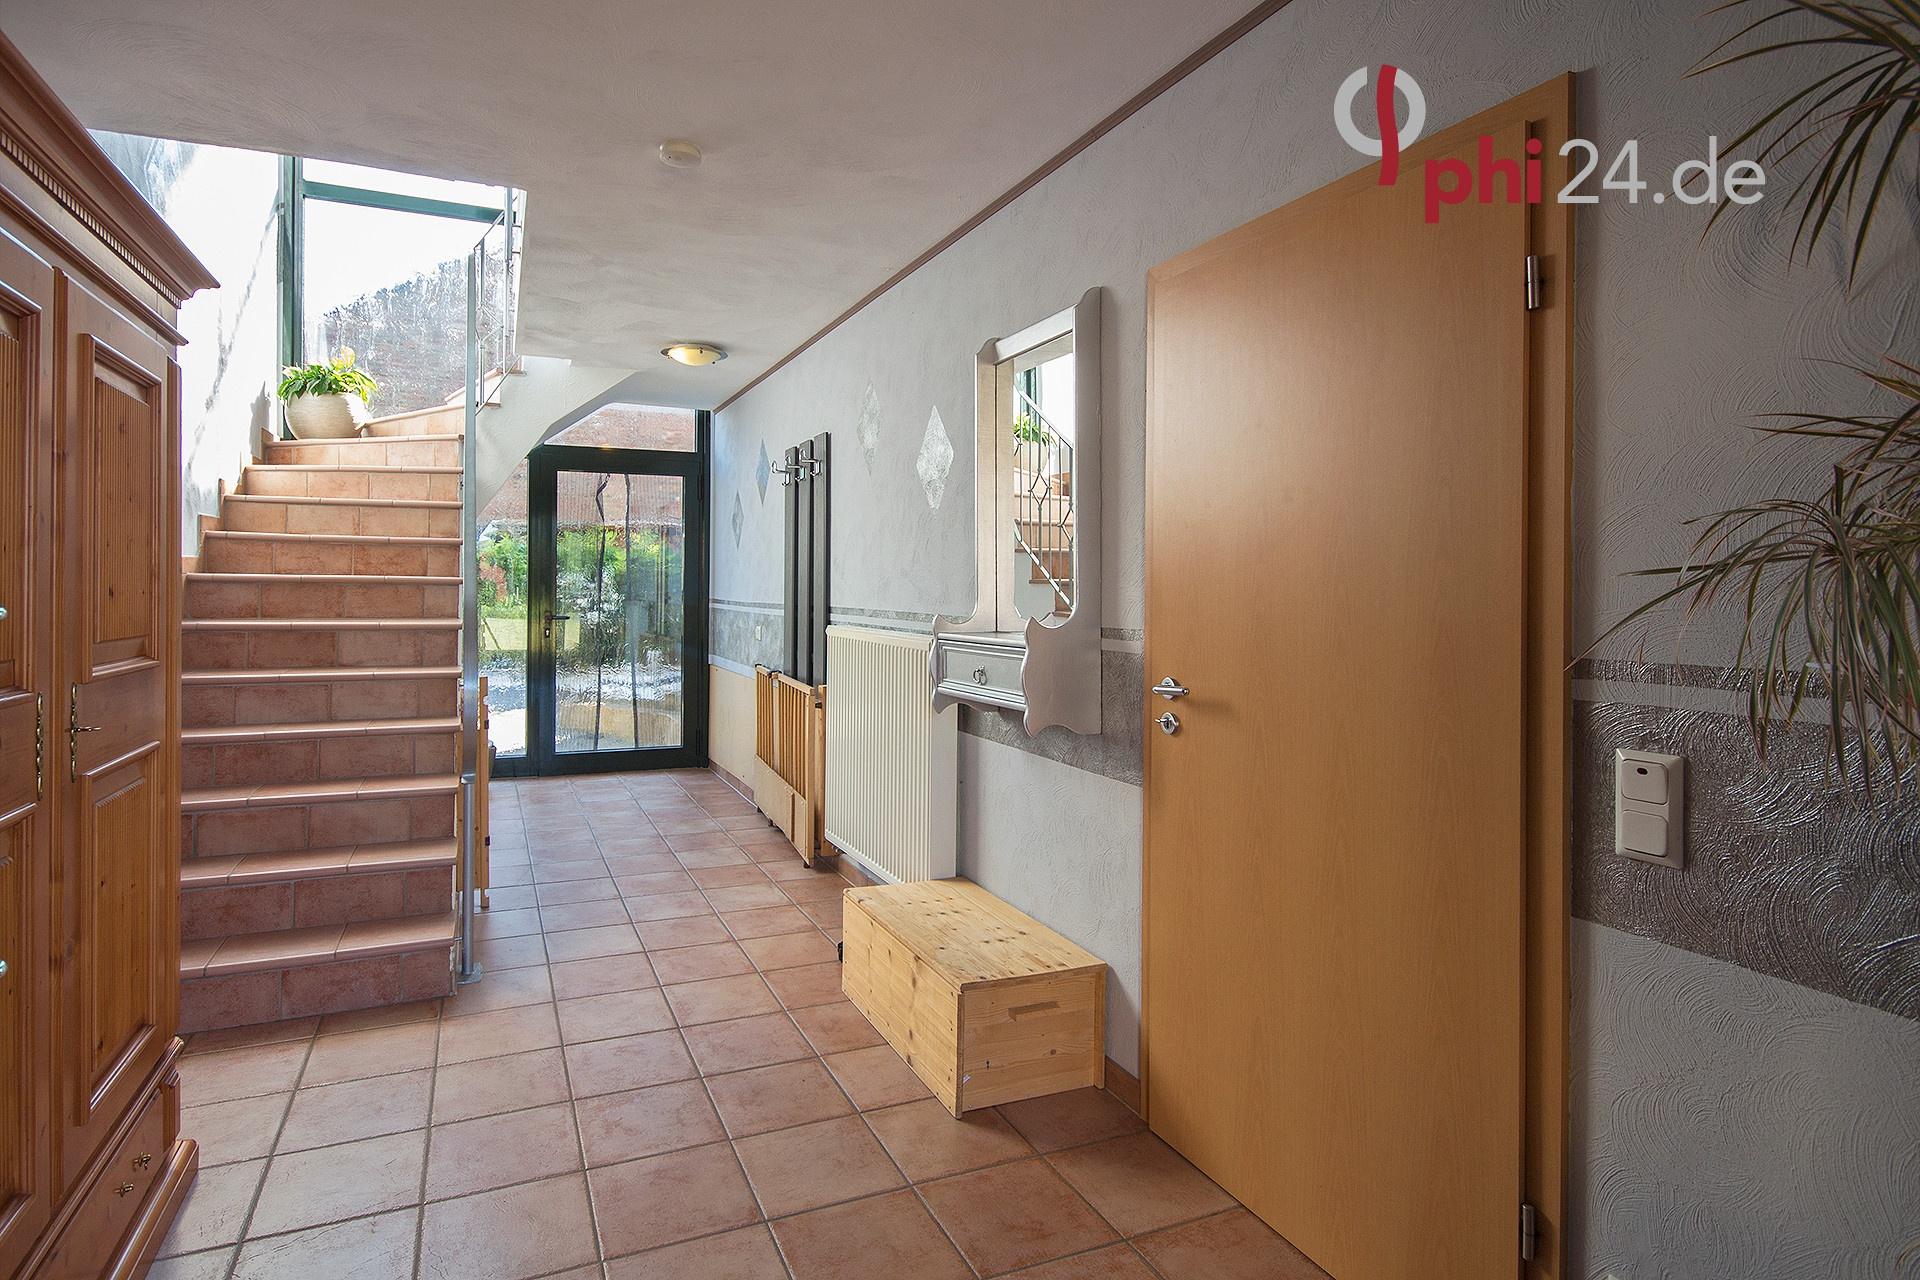 Immobilienmakler Titz Zweifamilienhaus referenzen mit Immobilienbewertung